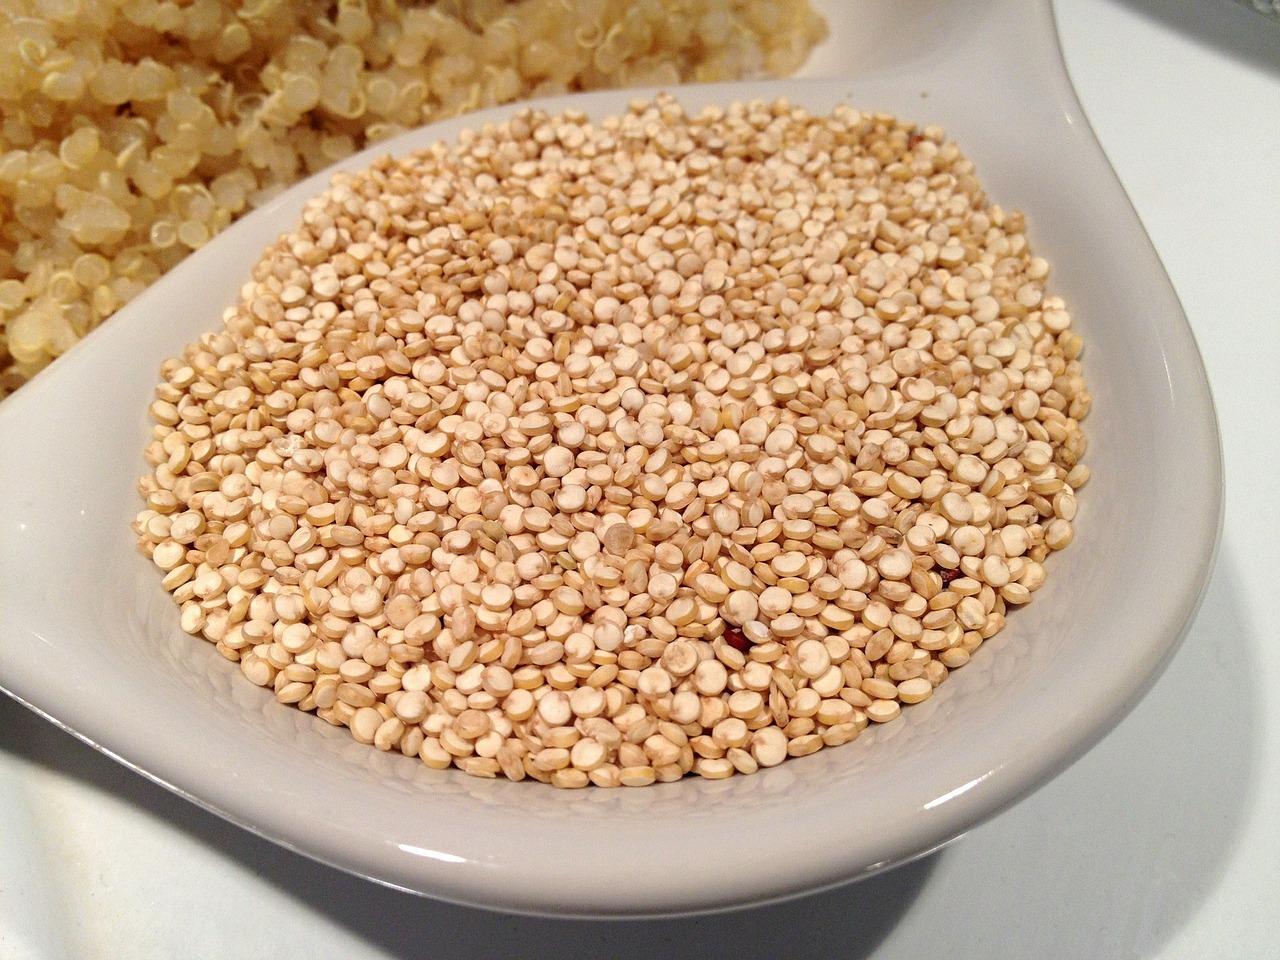 Ensalada de quinoa con salsa de cebolla negra